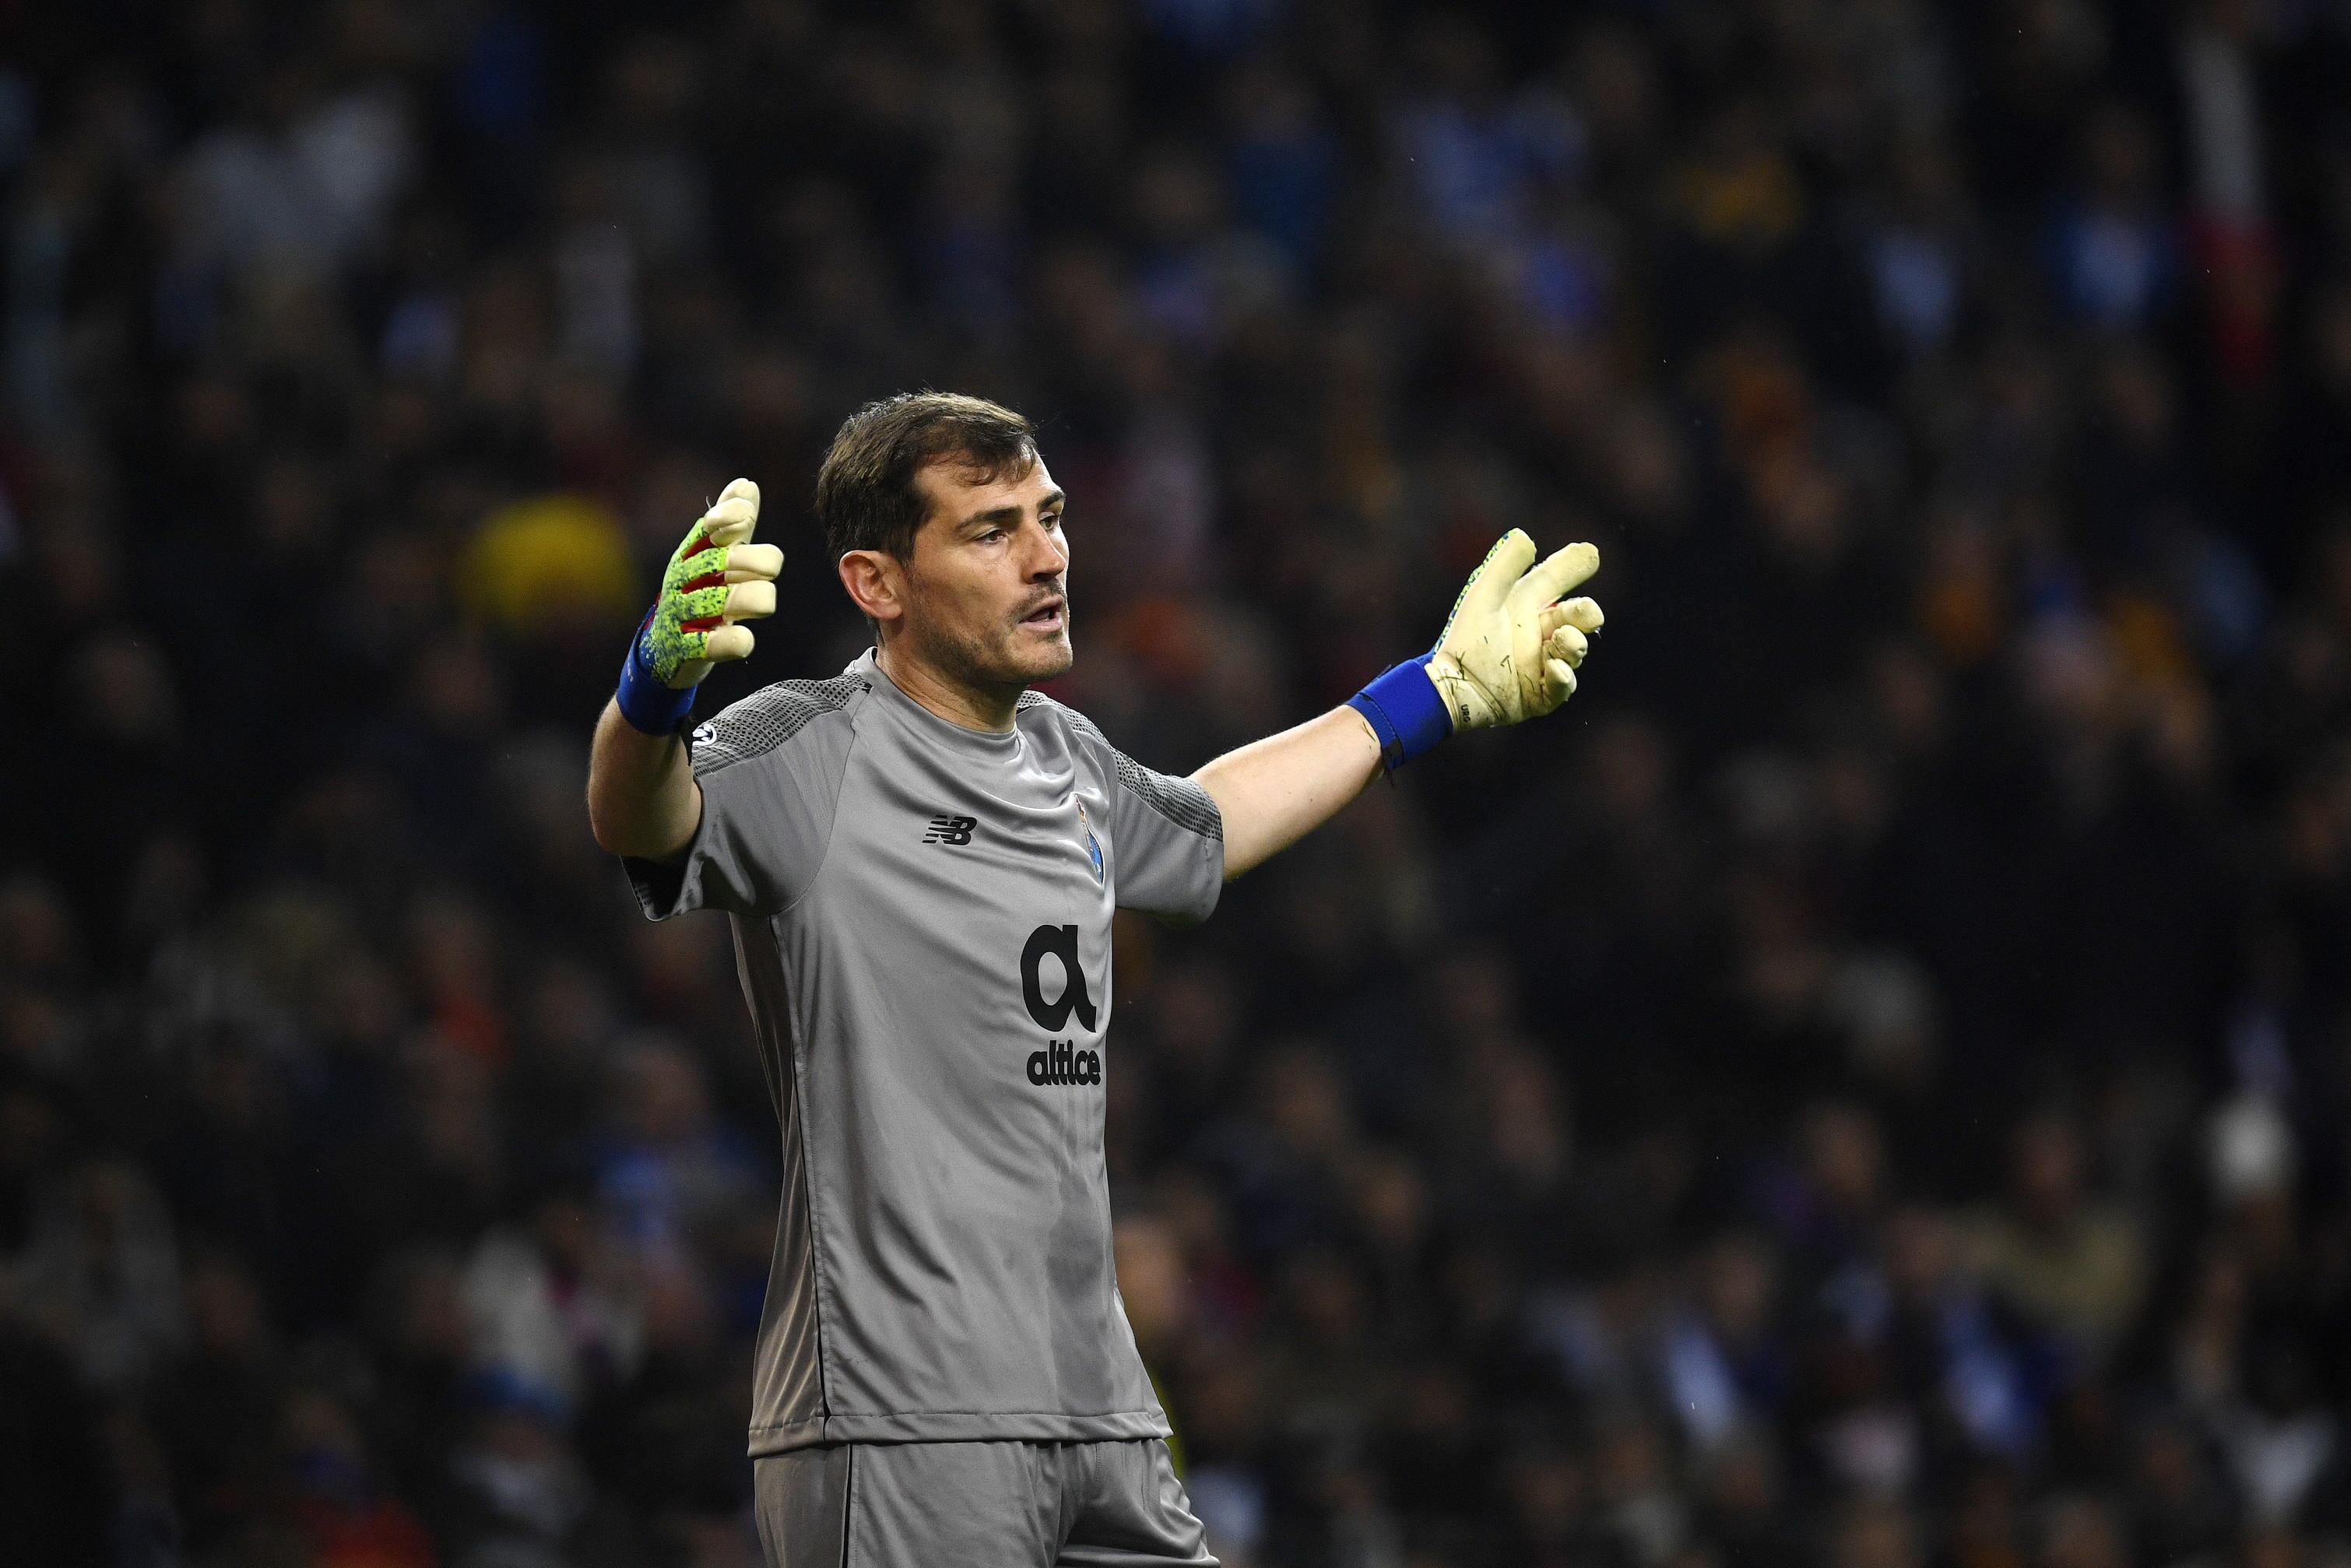 IKER CASILLAS - il portiere spagnolo ha collezionato 167 presenze in nazionale